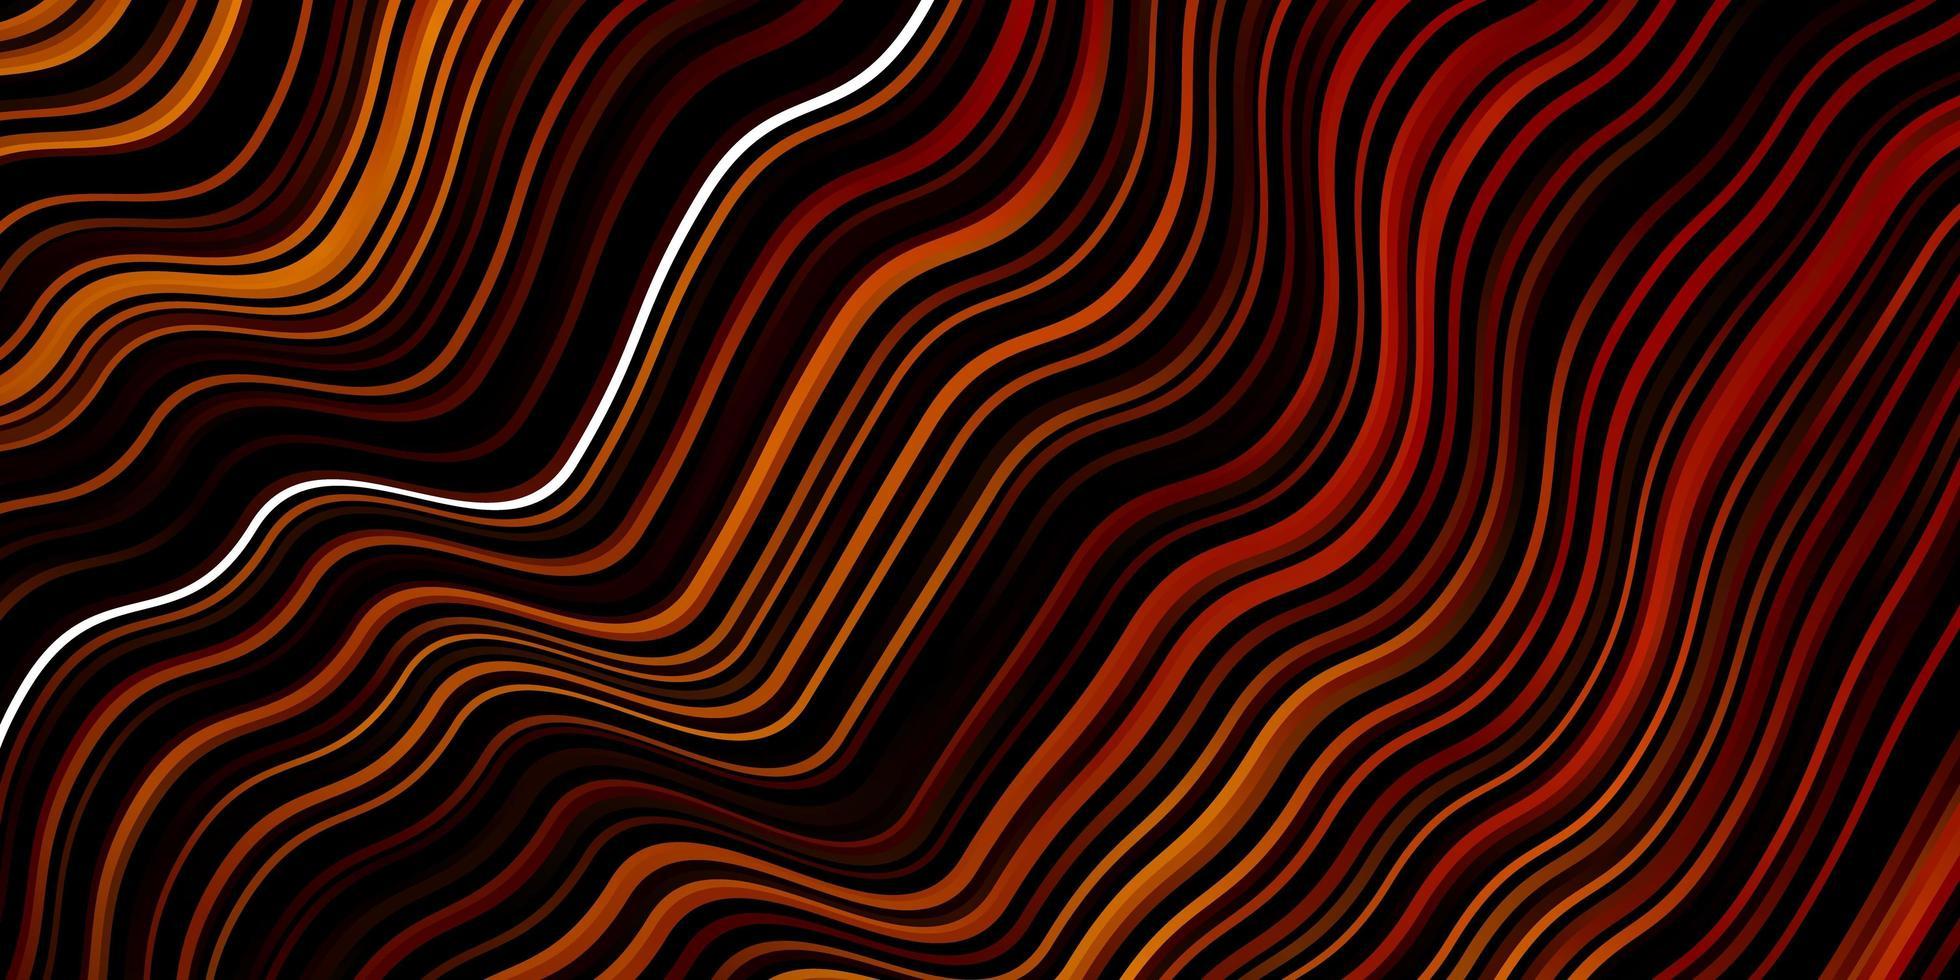 Telón de fondo de vector naranja oscuro con arco circular.